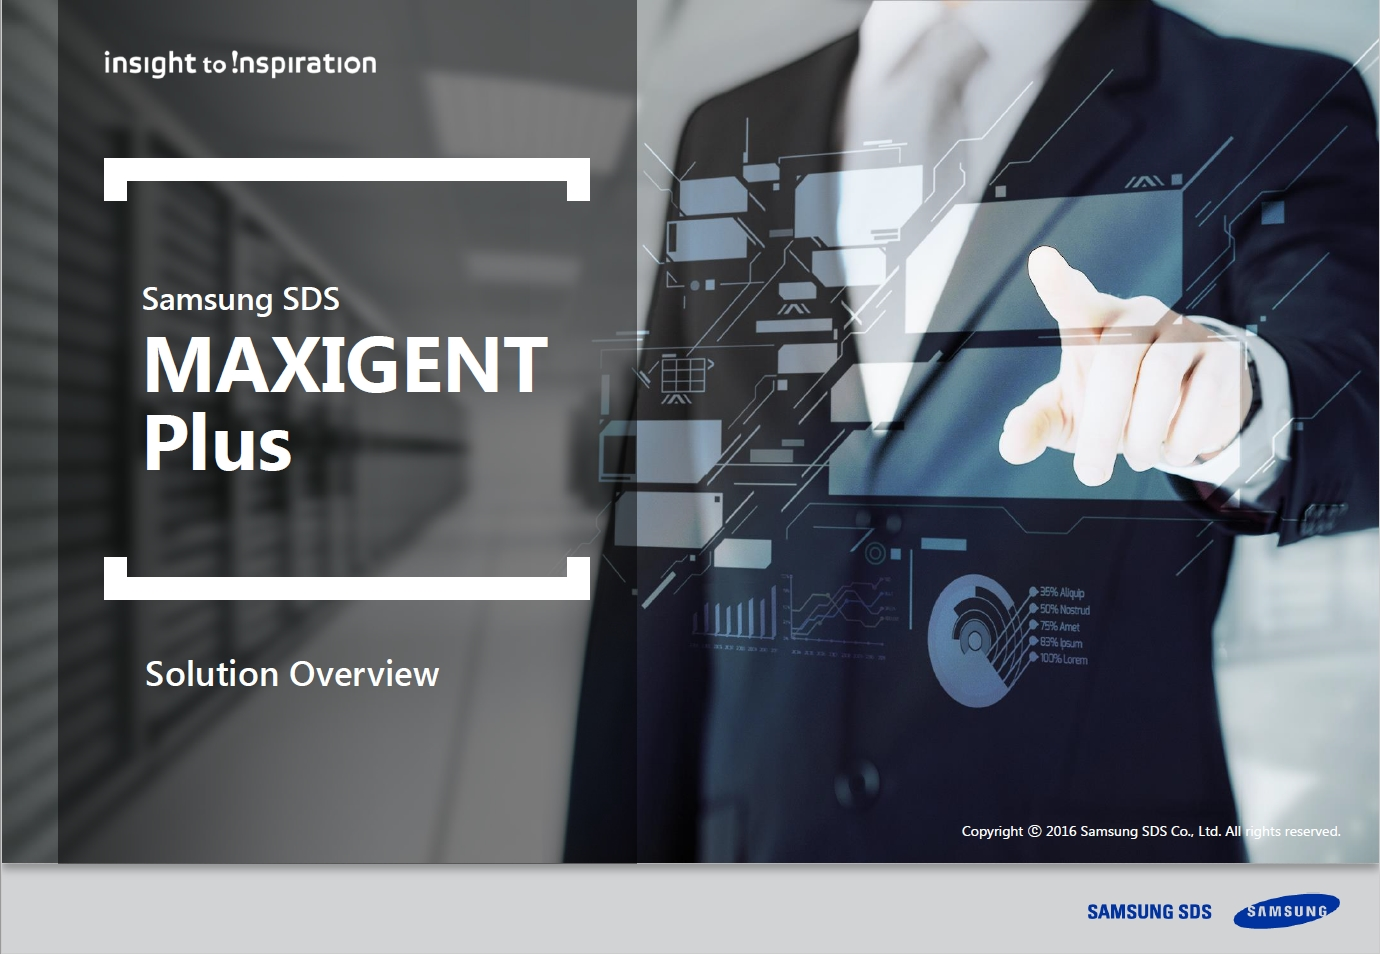 [Maxigent][PRESENTATION] Recupere-se mais rapido com monitoramento e controle integrados (Recover faster with integrated monitoring and control)